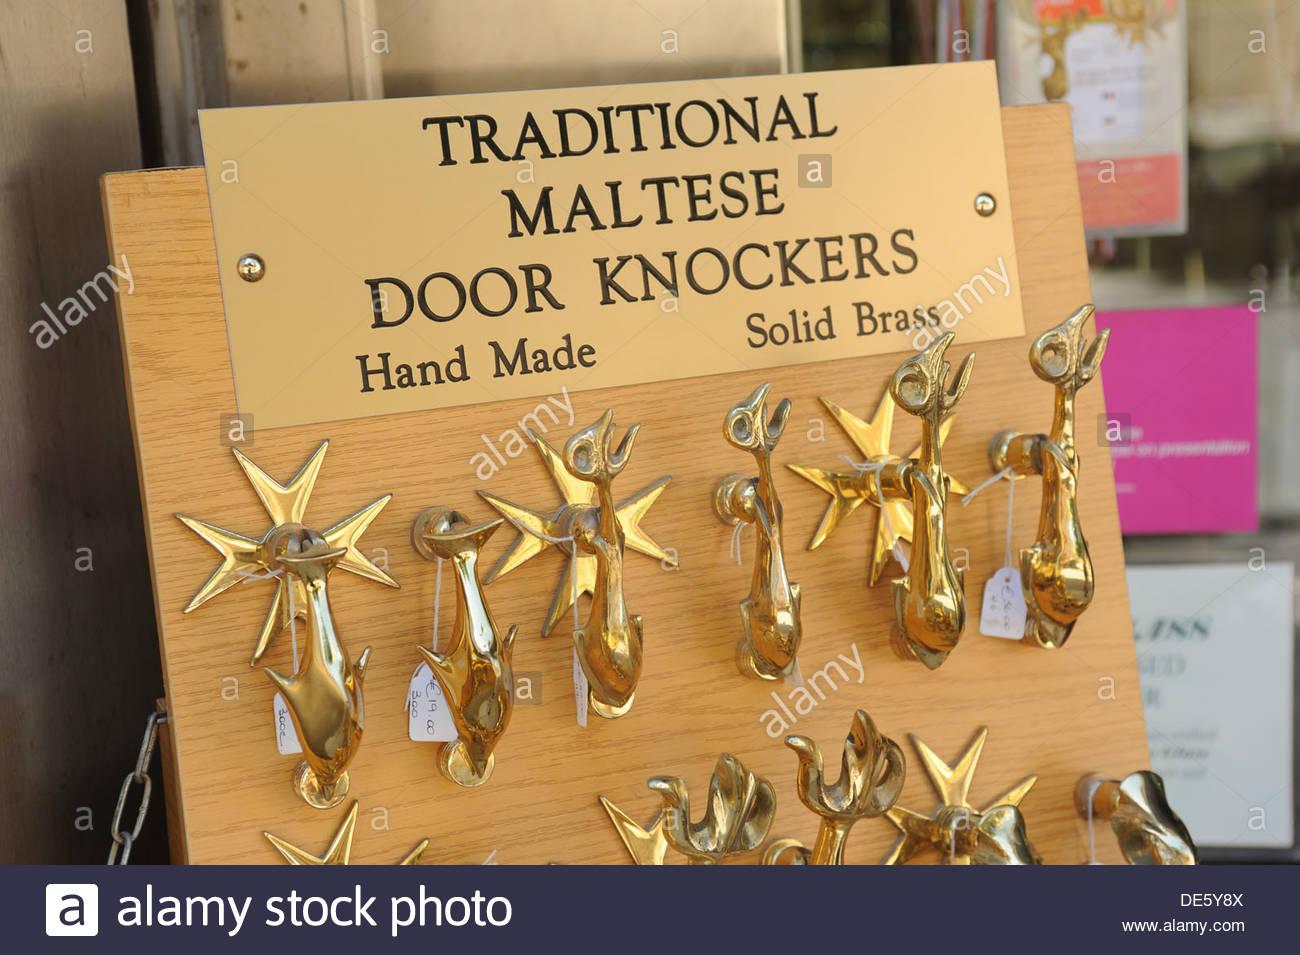 Traditional Brass Maltese Door Knockers.